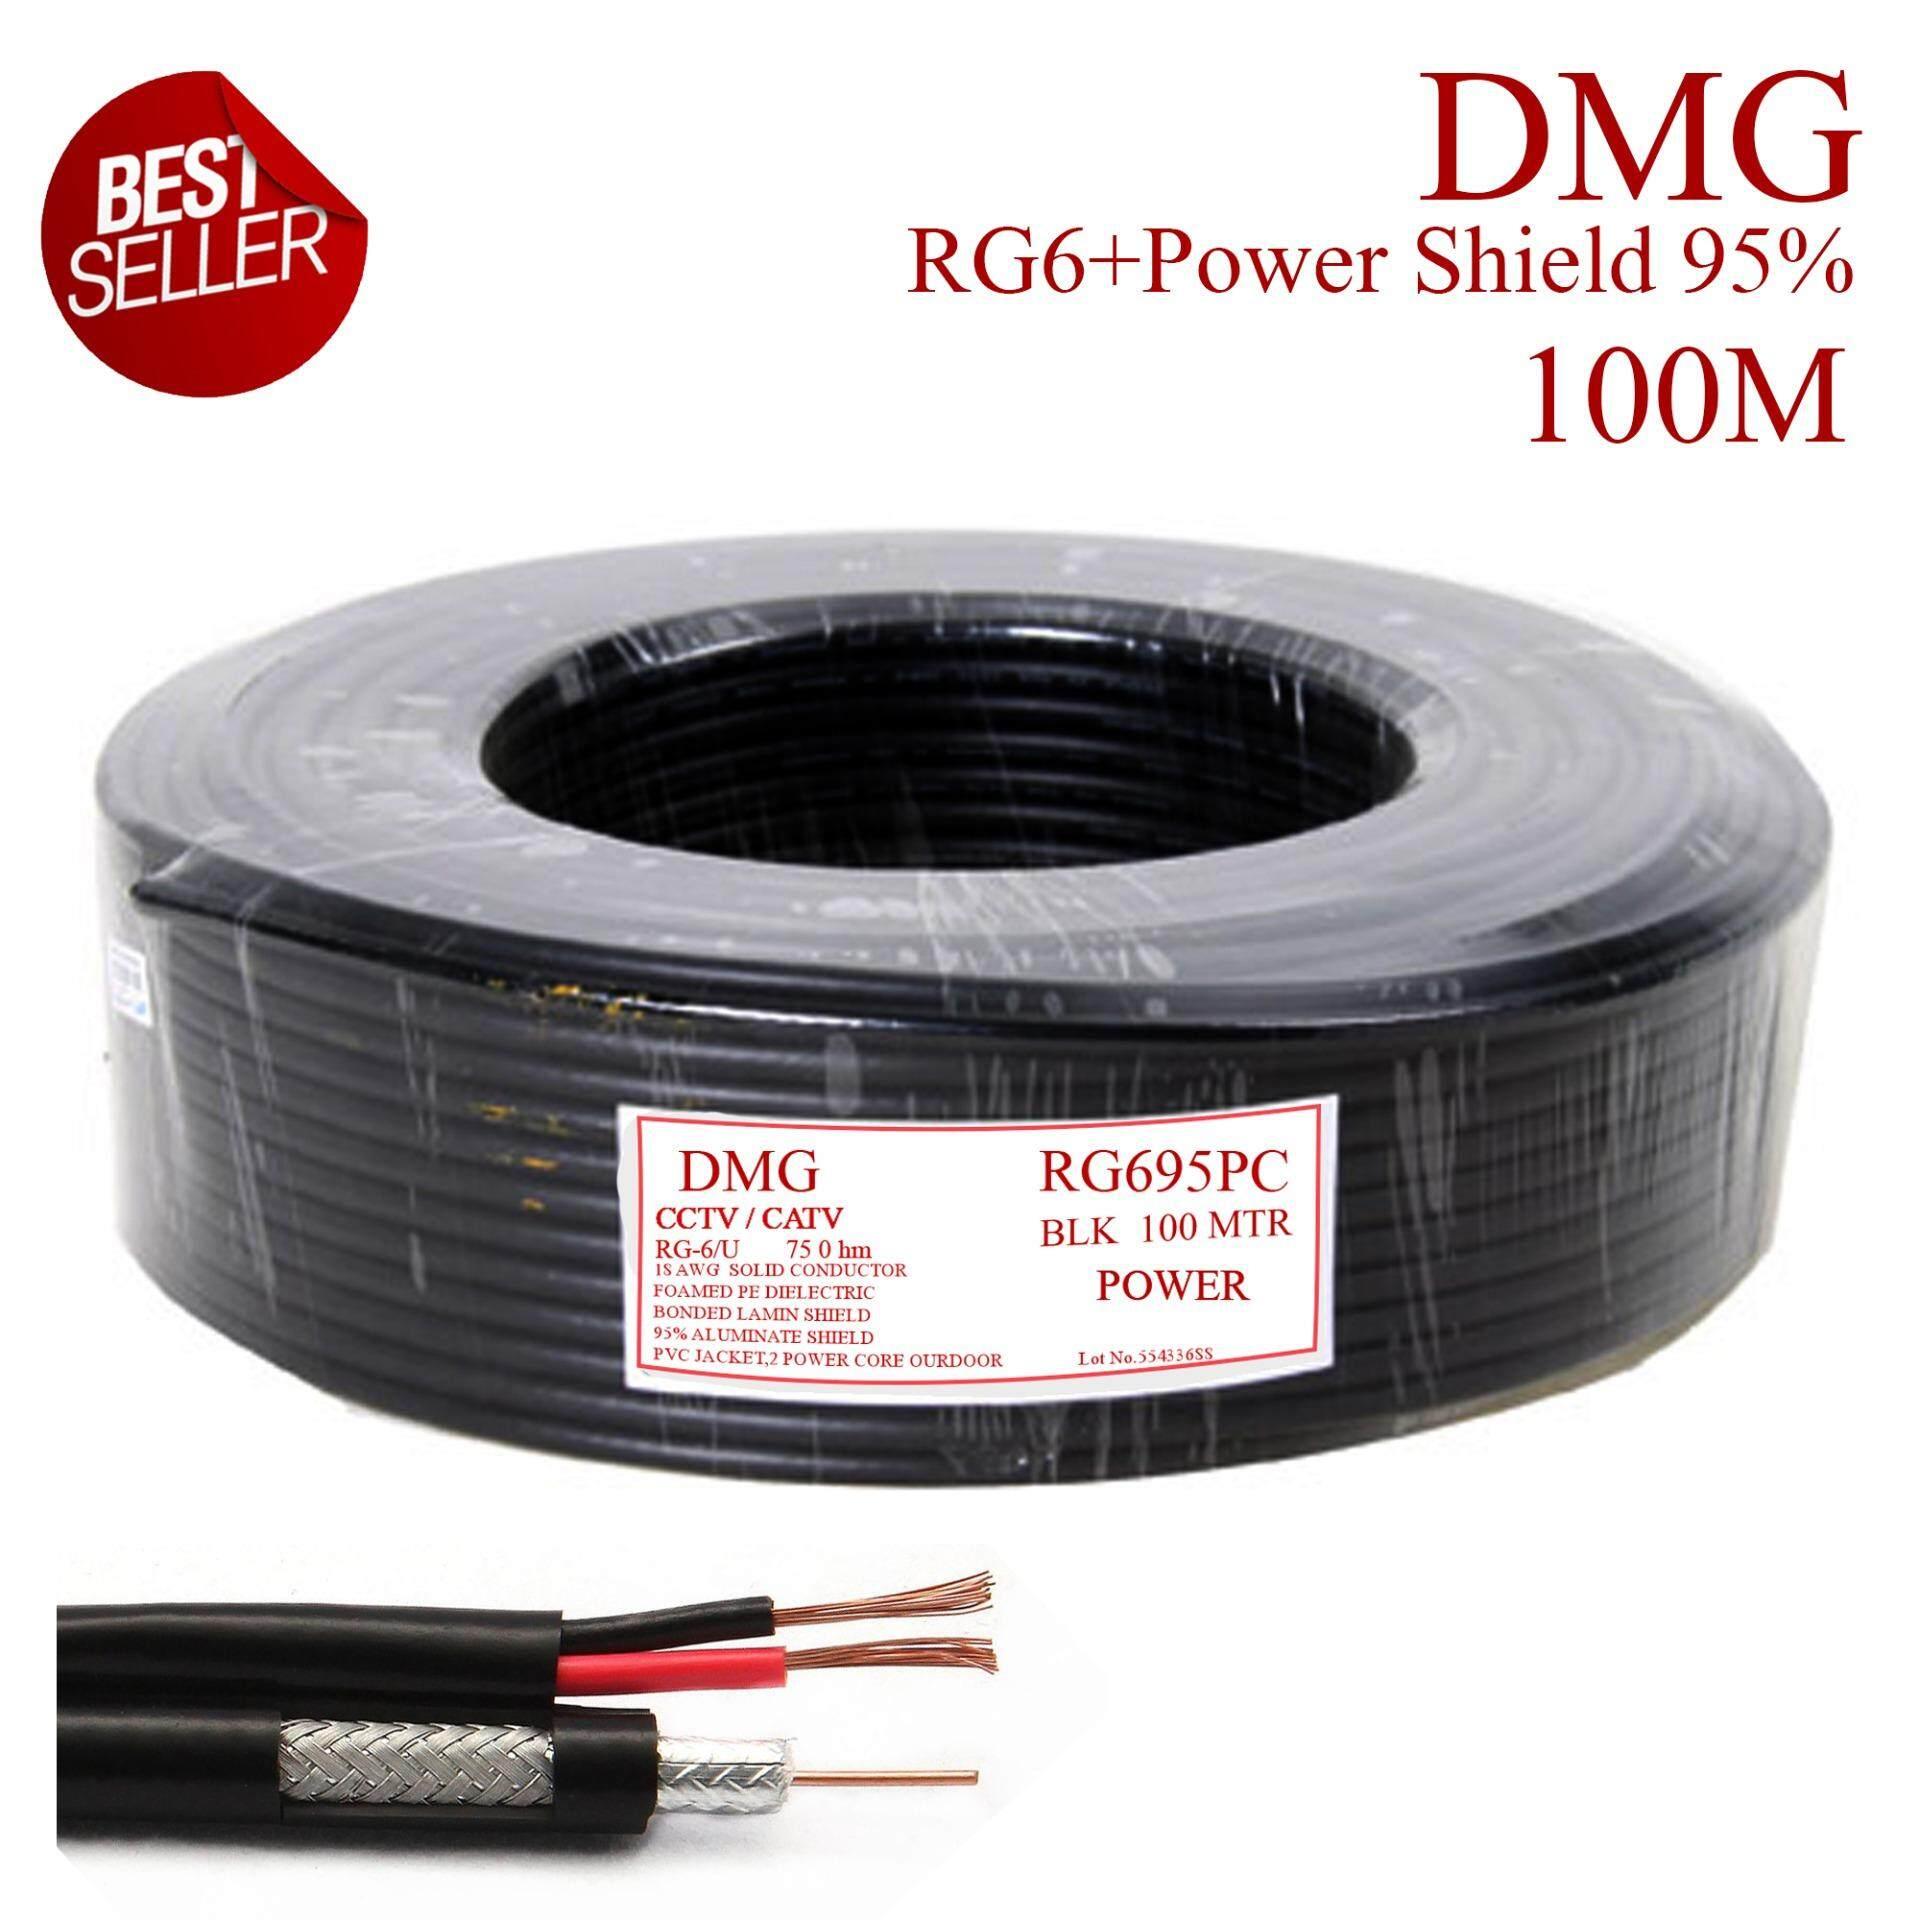 สายนำสัญญาณ RG6 + สายไฟ Shield 95% สายถัก 168 ทองแดง 30% ยาว 100เมตร (สำหรับใช้ในการติดตั้งกล้องวงจรปิด)  (DMG)